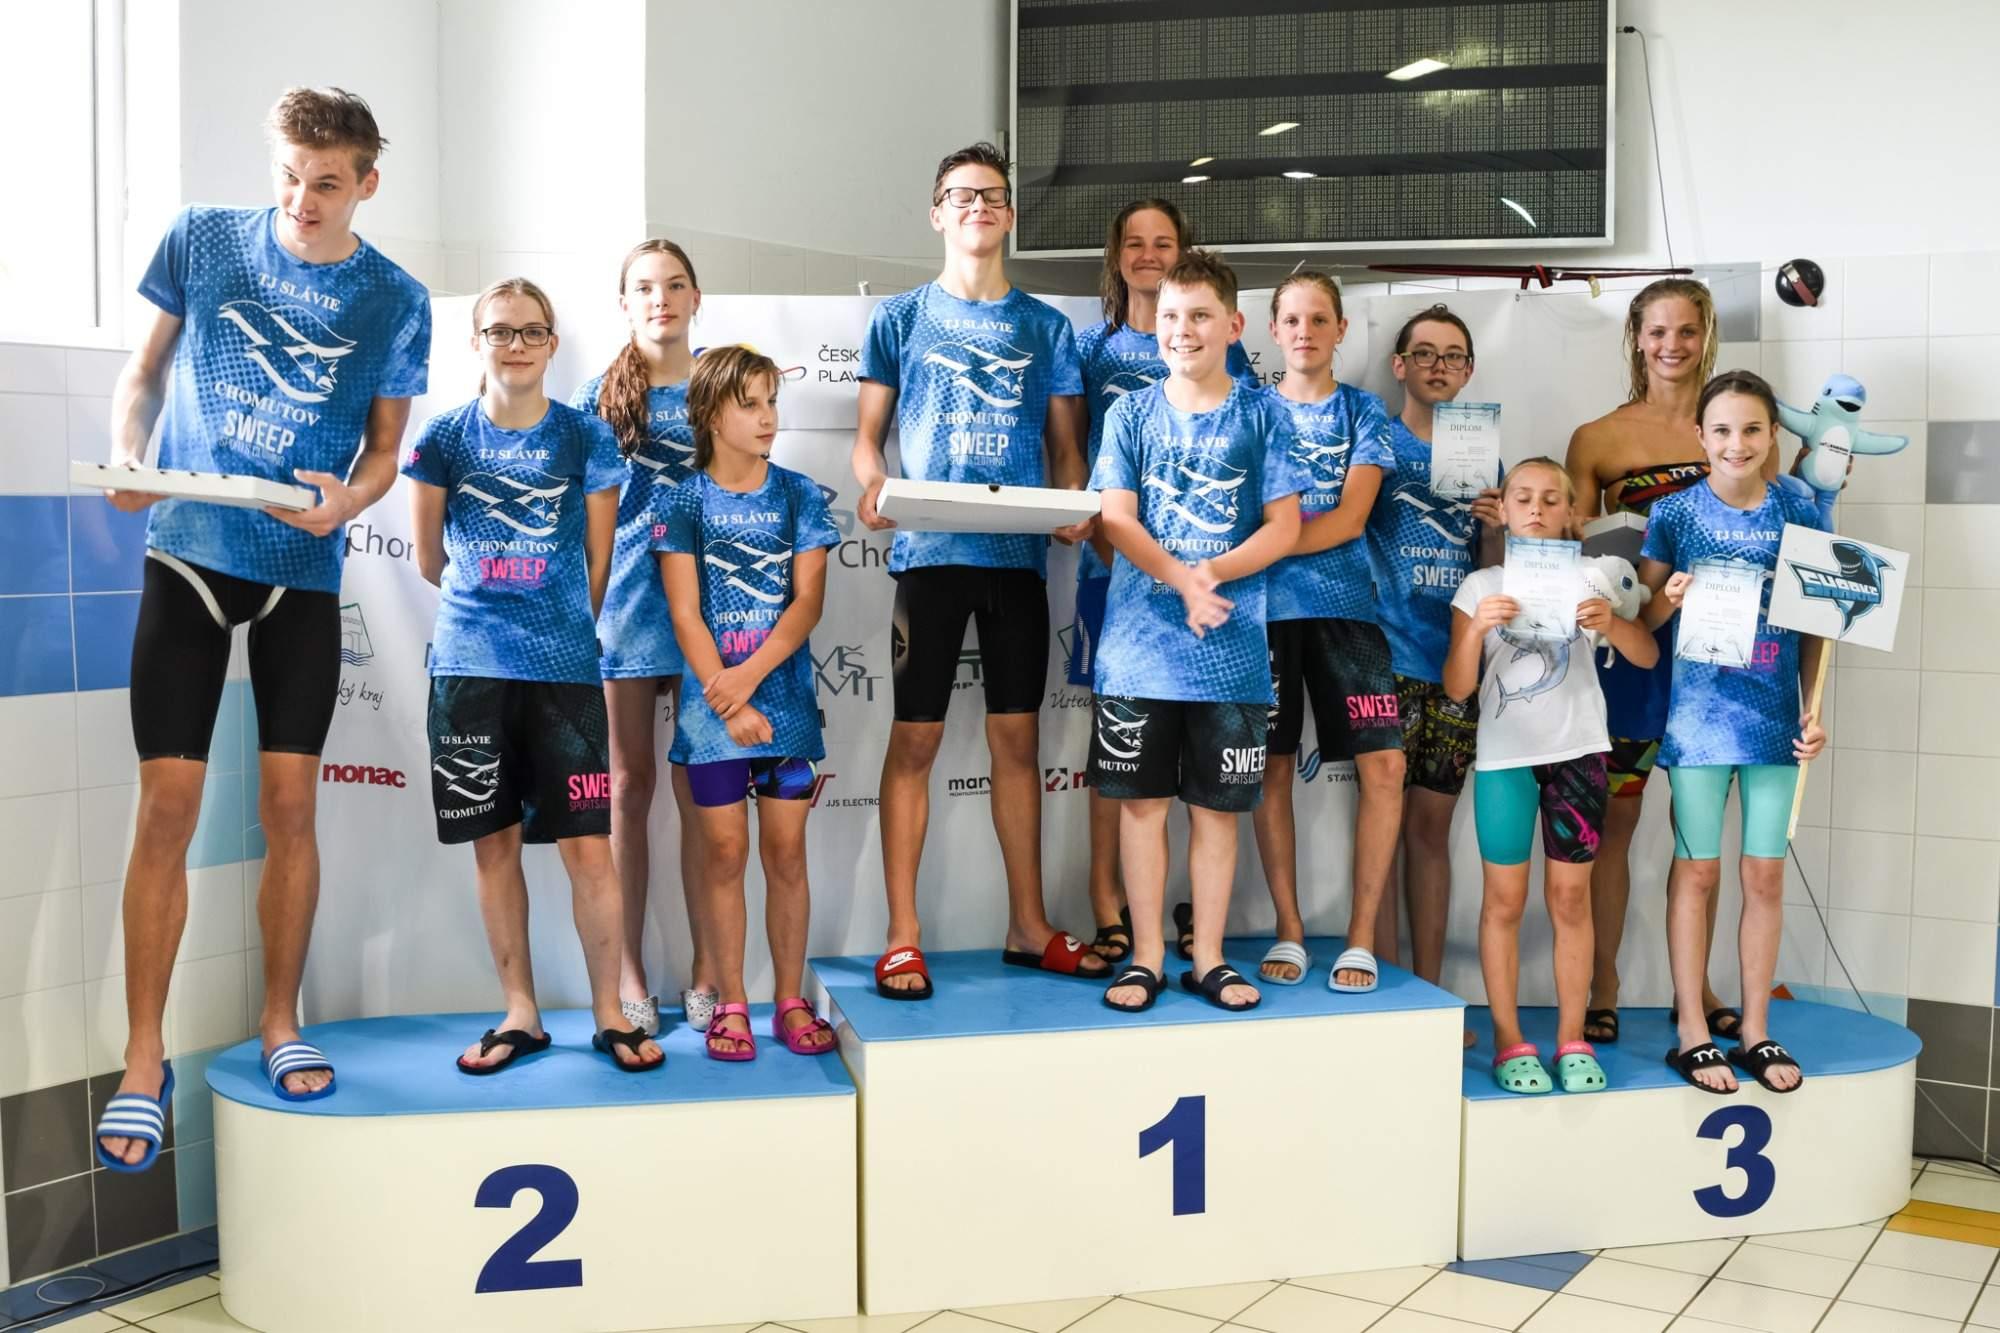 Vítězné štafety - Zleva Barbie & Ken, Moninci a Žraloci